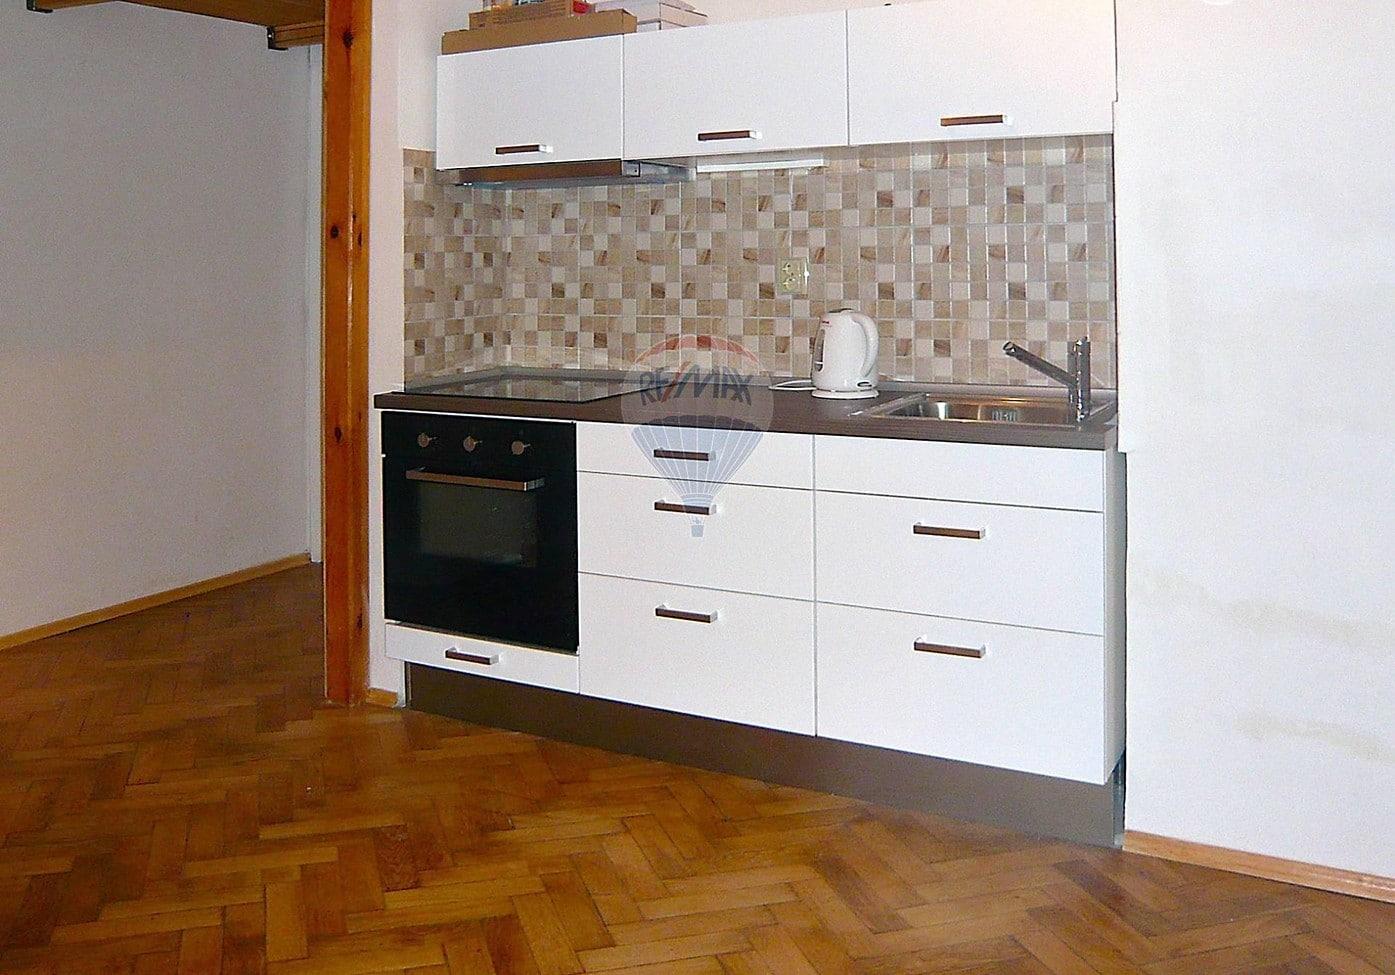 למכירה דירת 2 חדרים בגודל 52 מר בשכונת ז'יז'קוב (5)